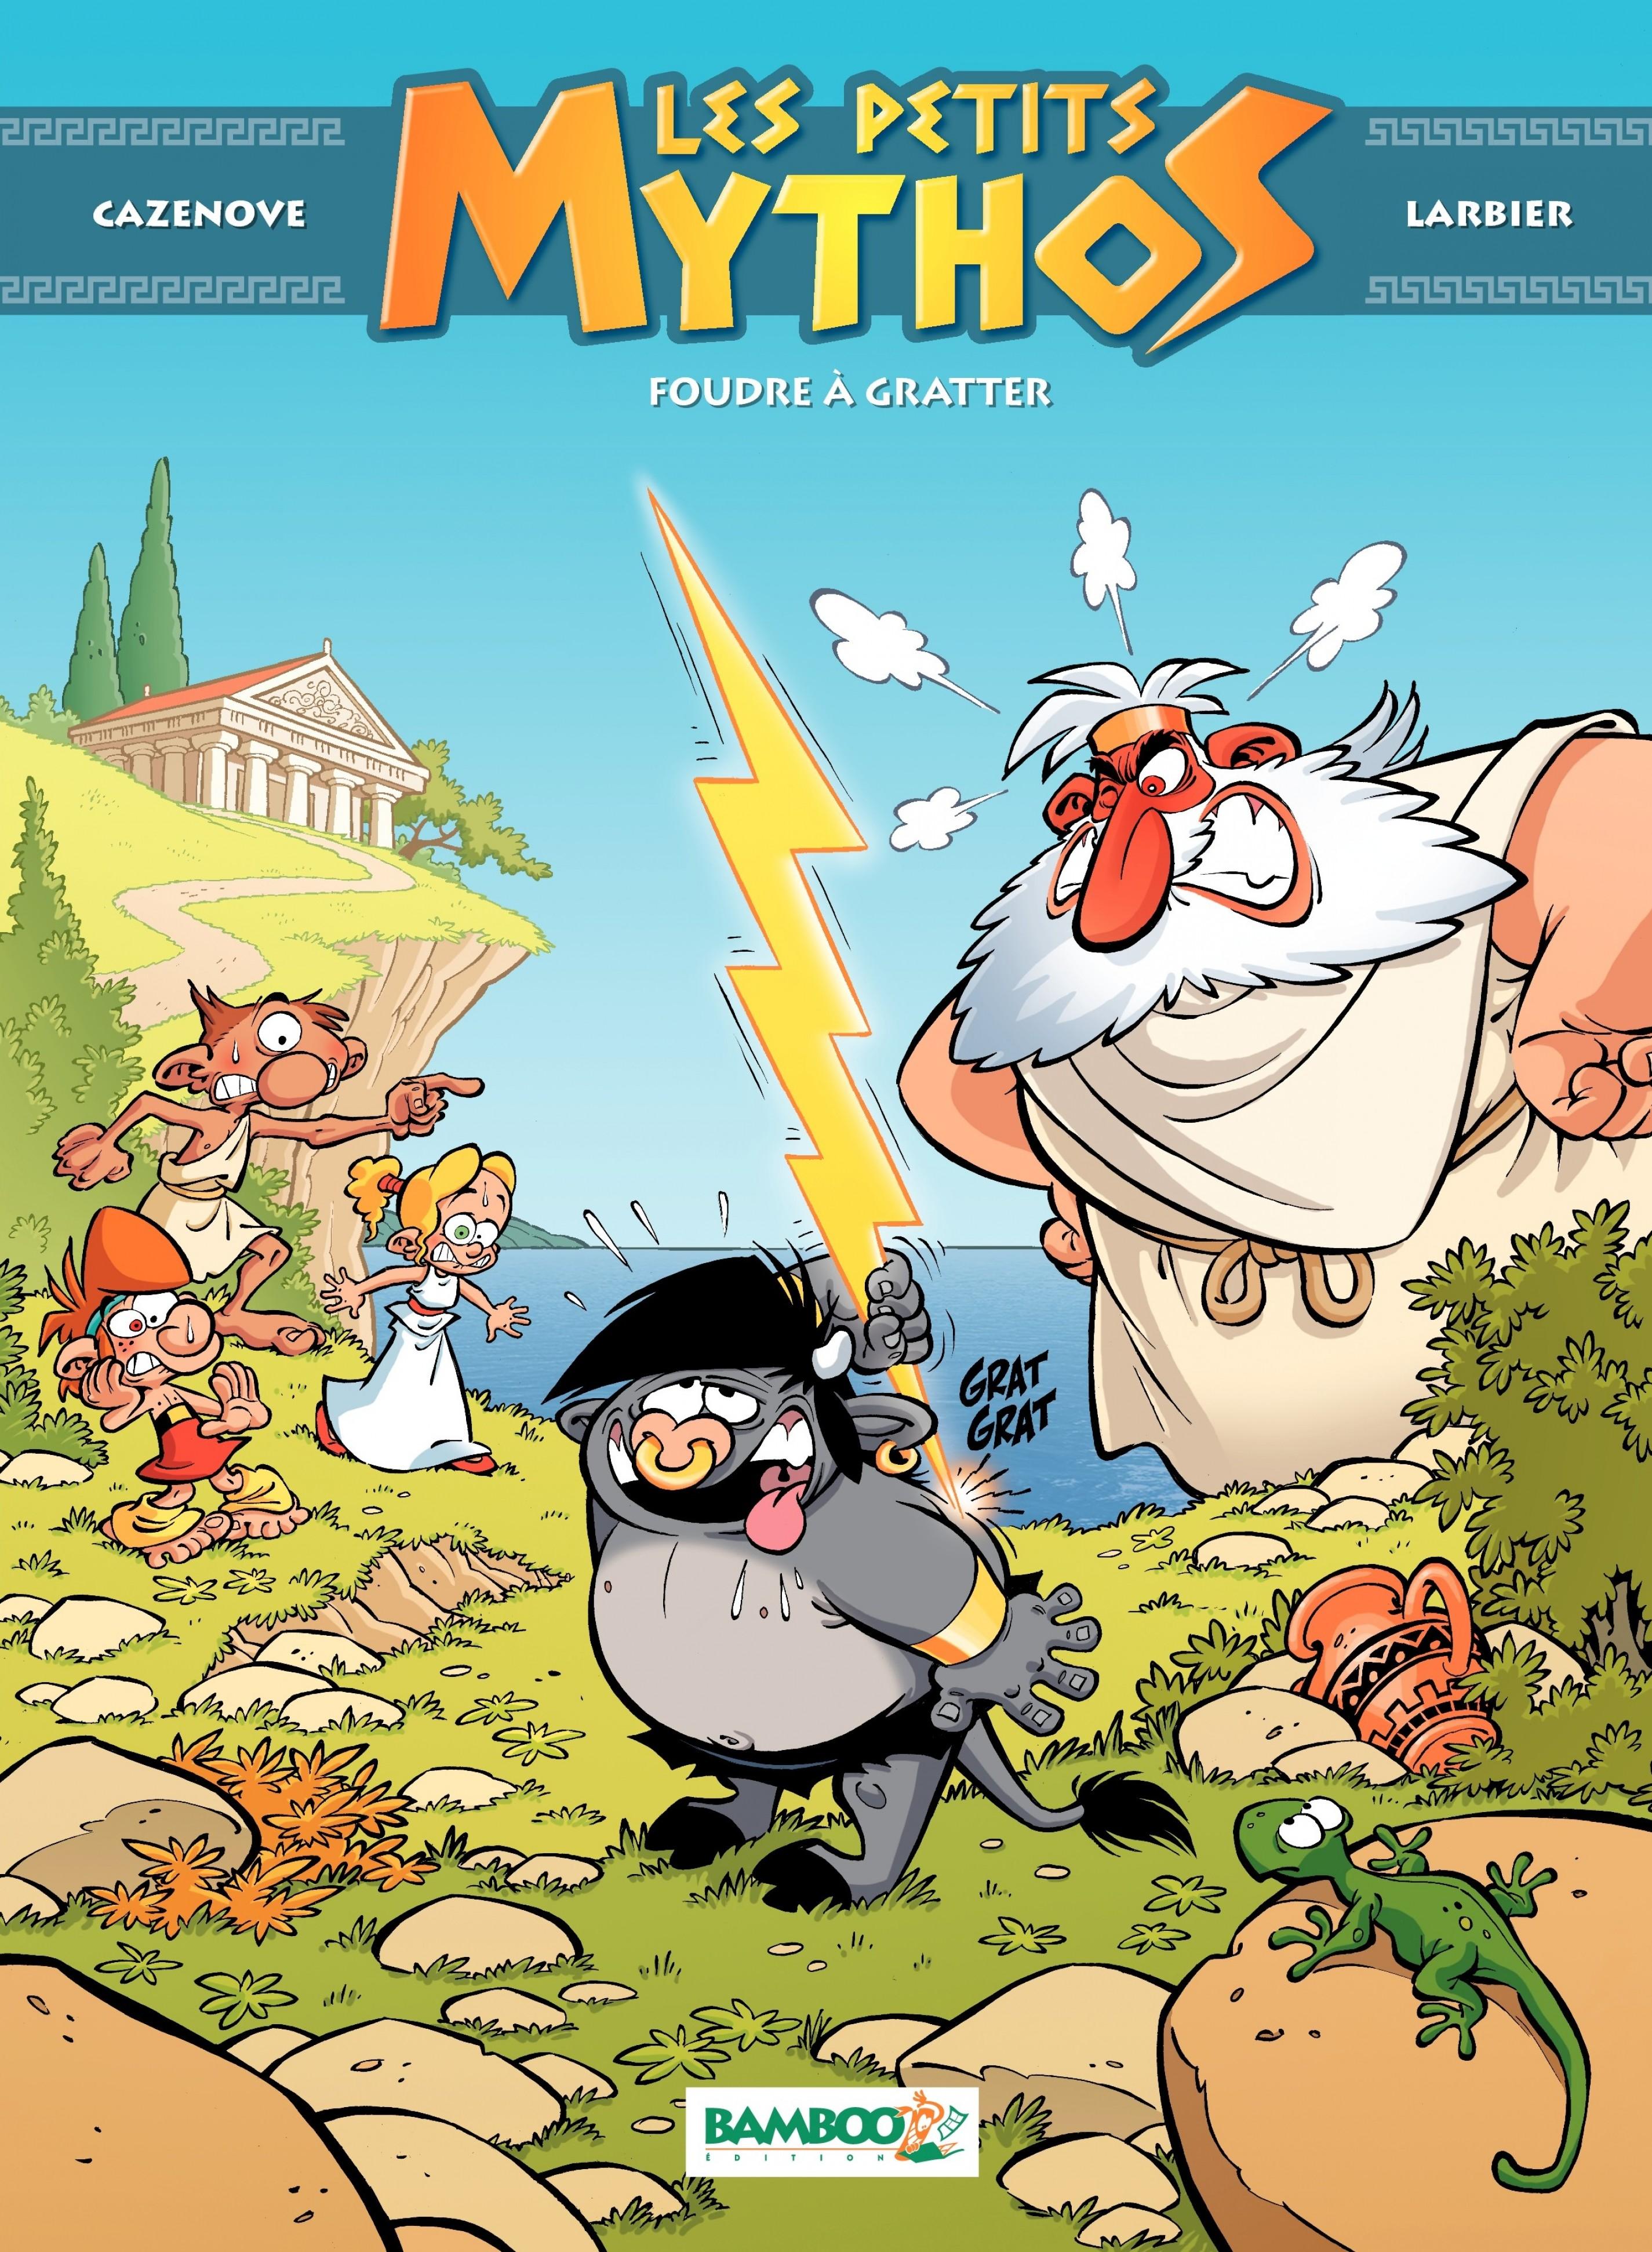 Les Petits Mythos - Tome 1 - Foudre à gratter (nouvelle édition) | Philippe Larbier,